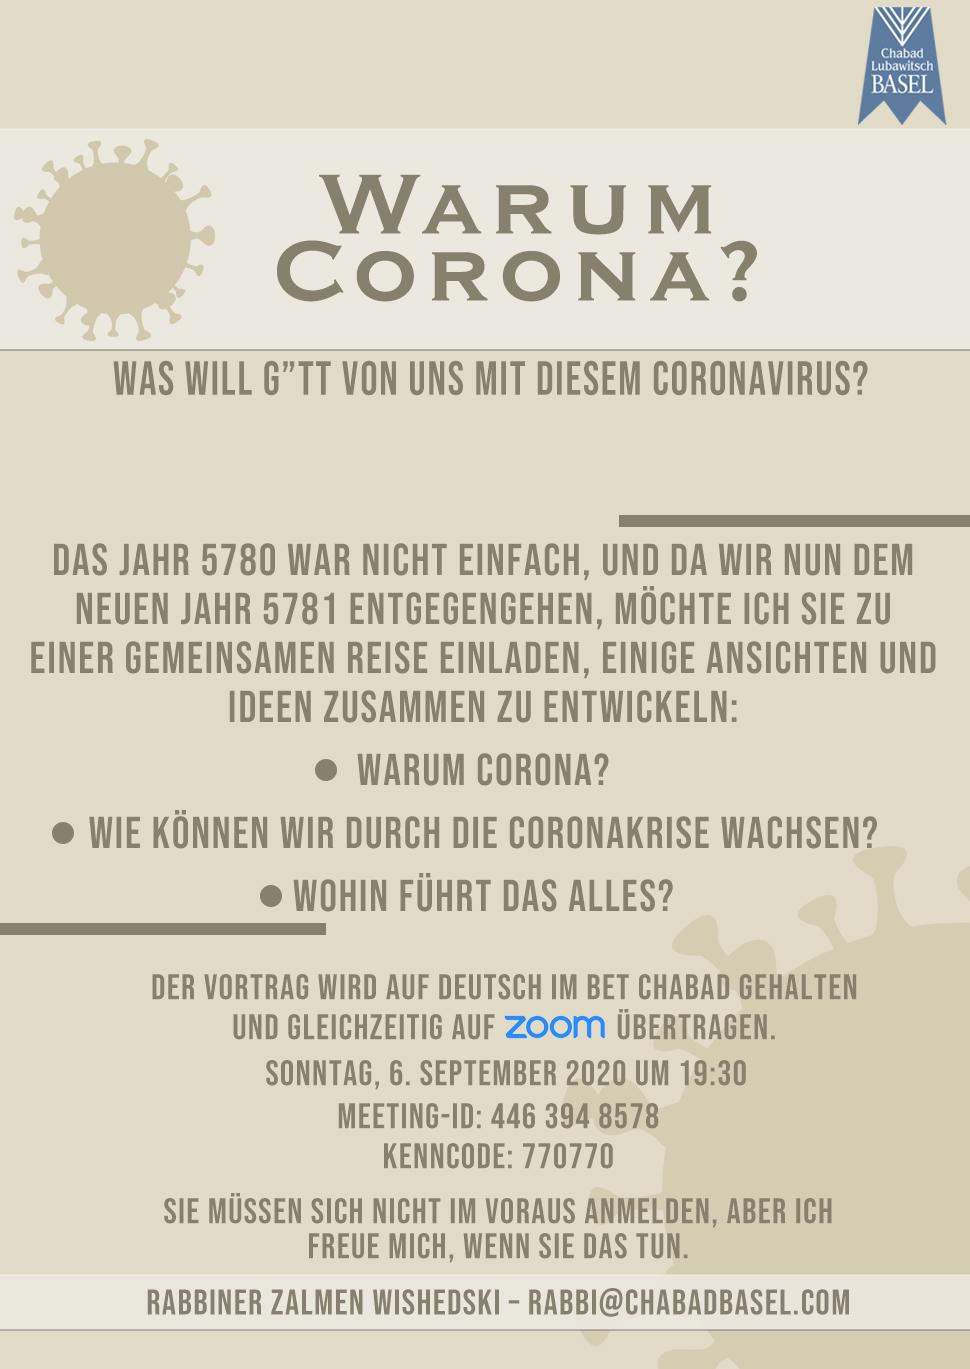 Warum Corona Vorgtrag.jpg